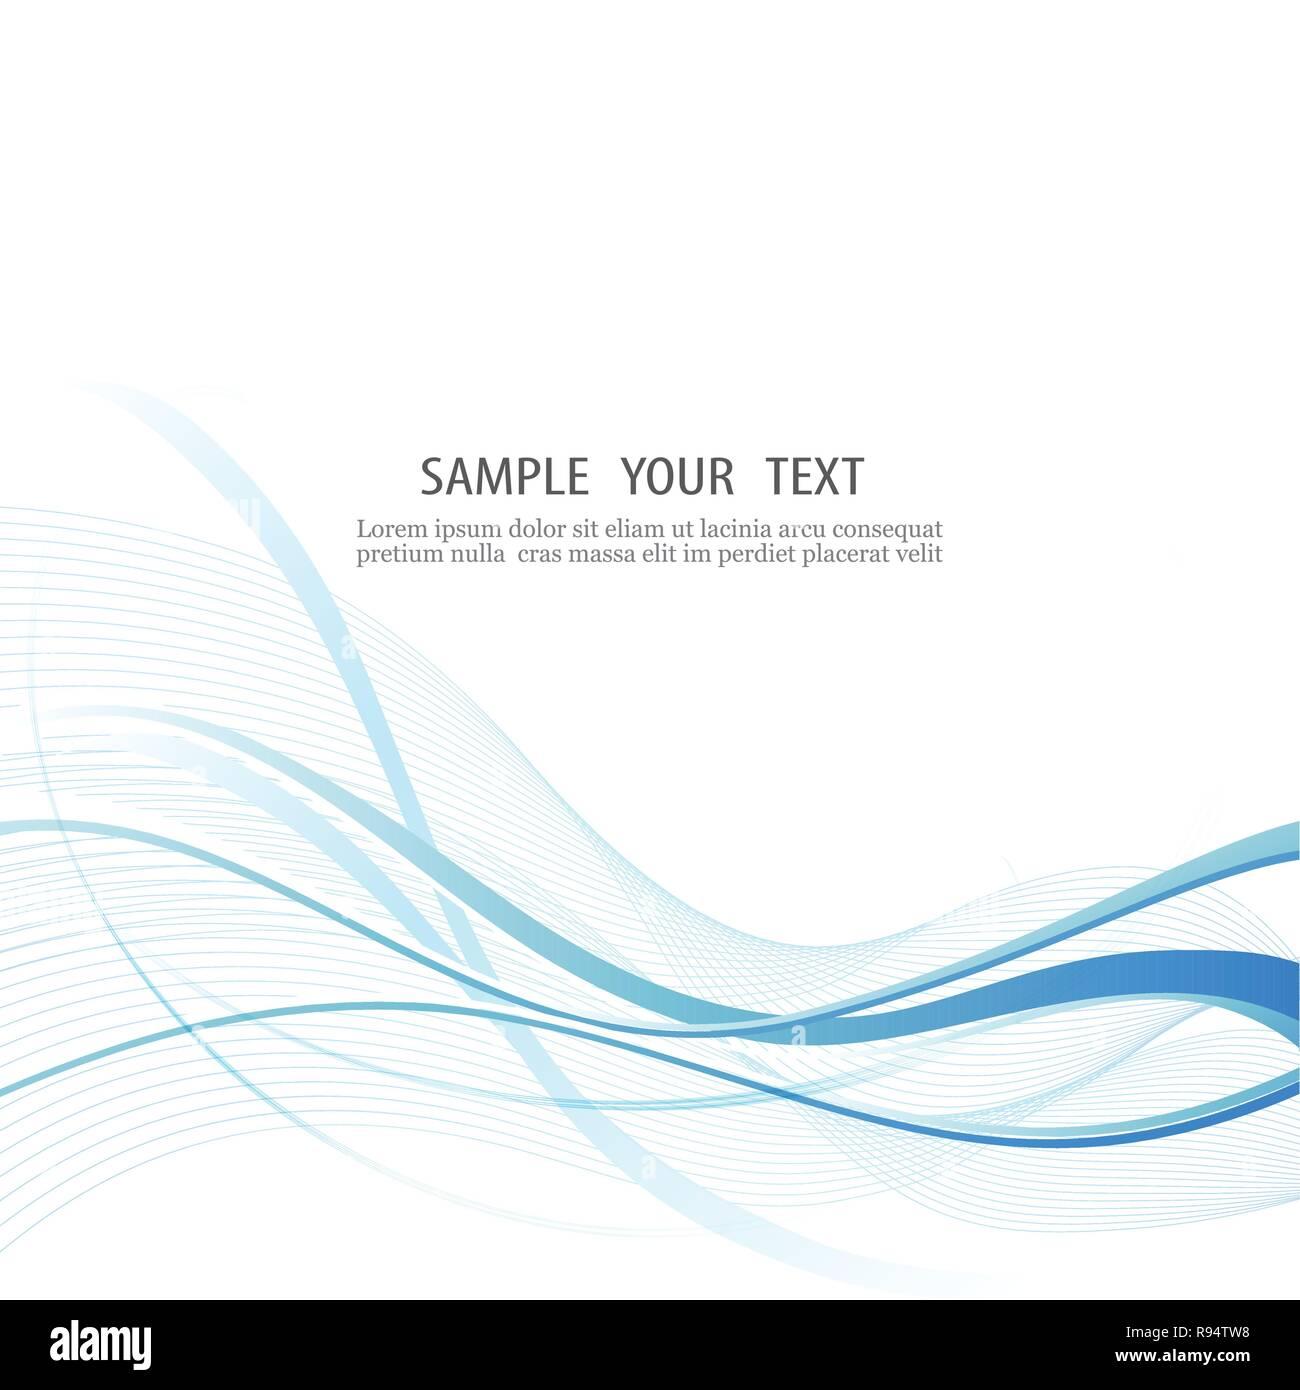 Elegante abstracto velocidad suave onda azul con fondo corriente moderna. Vector, ilustración, eps10. Ilustración del Vector